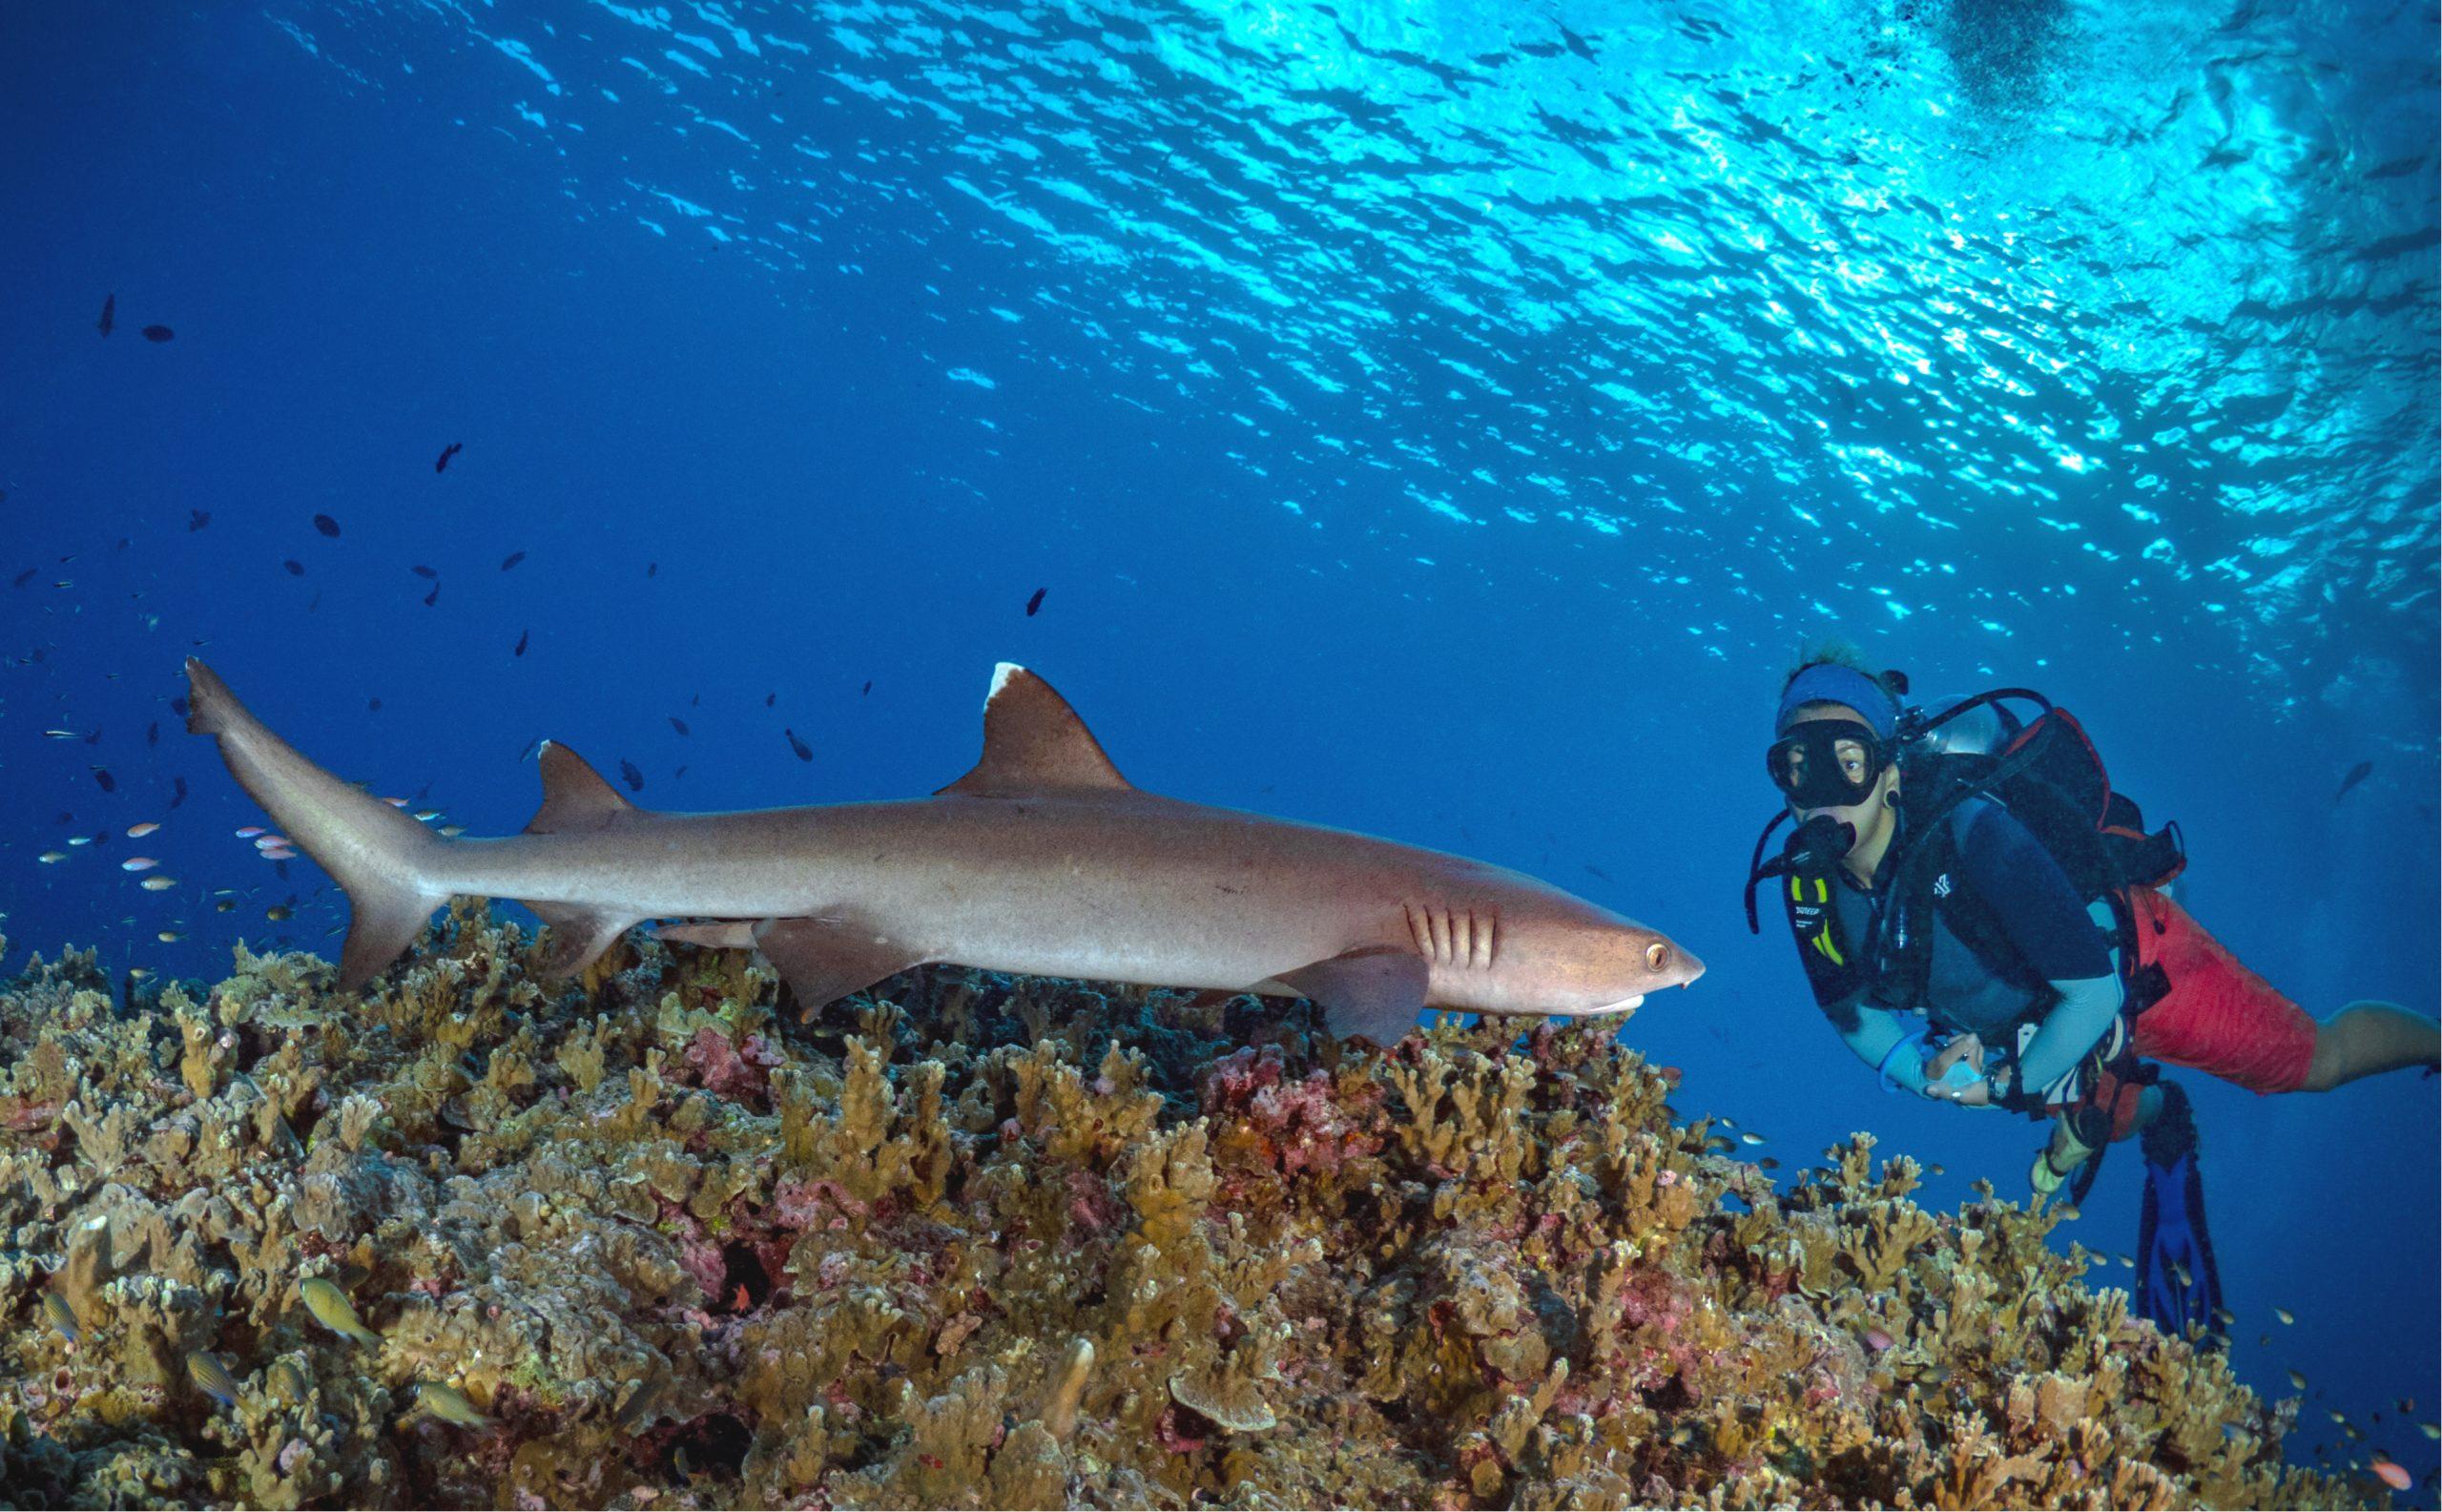 サメはダイバーを襲いません